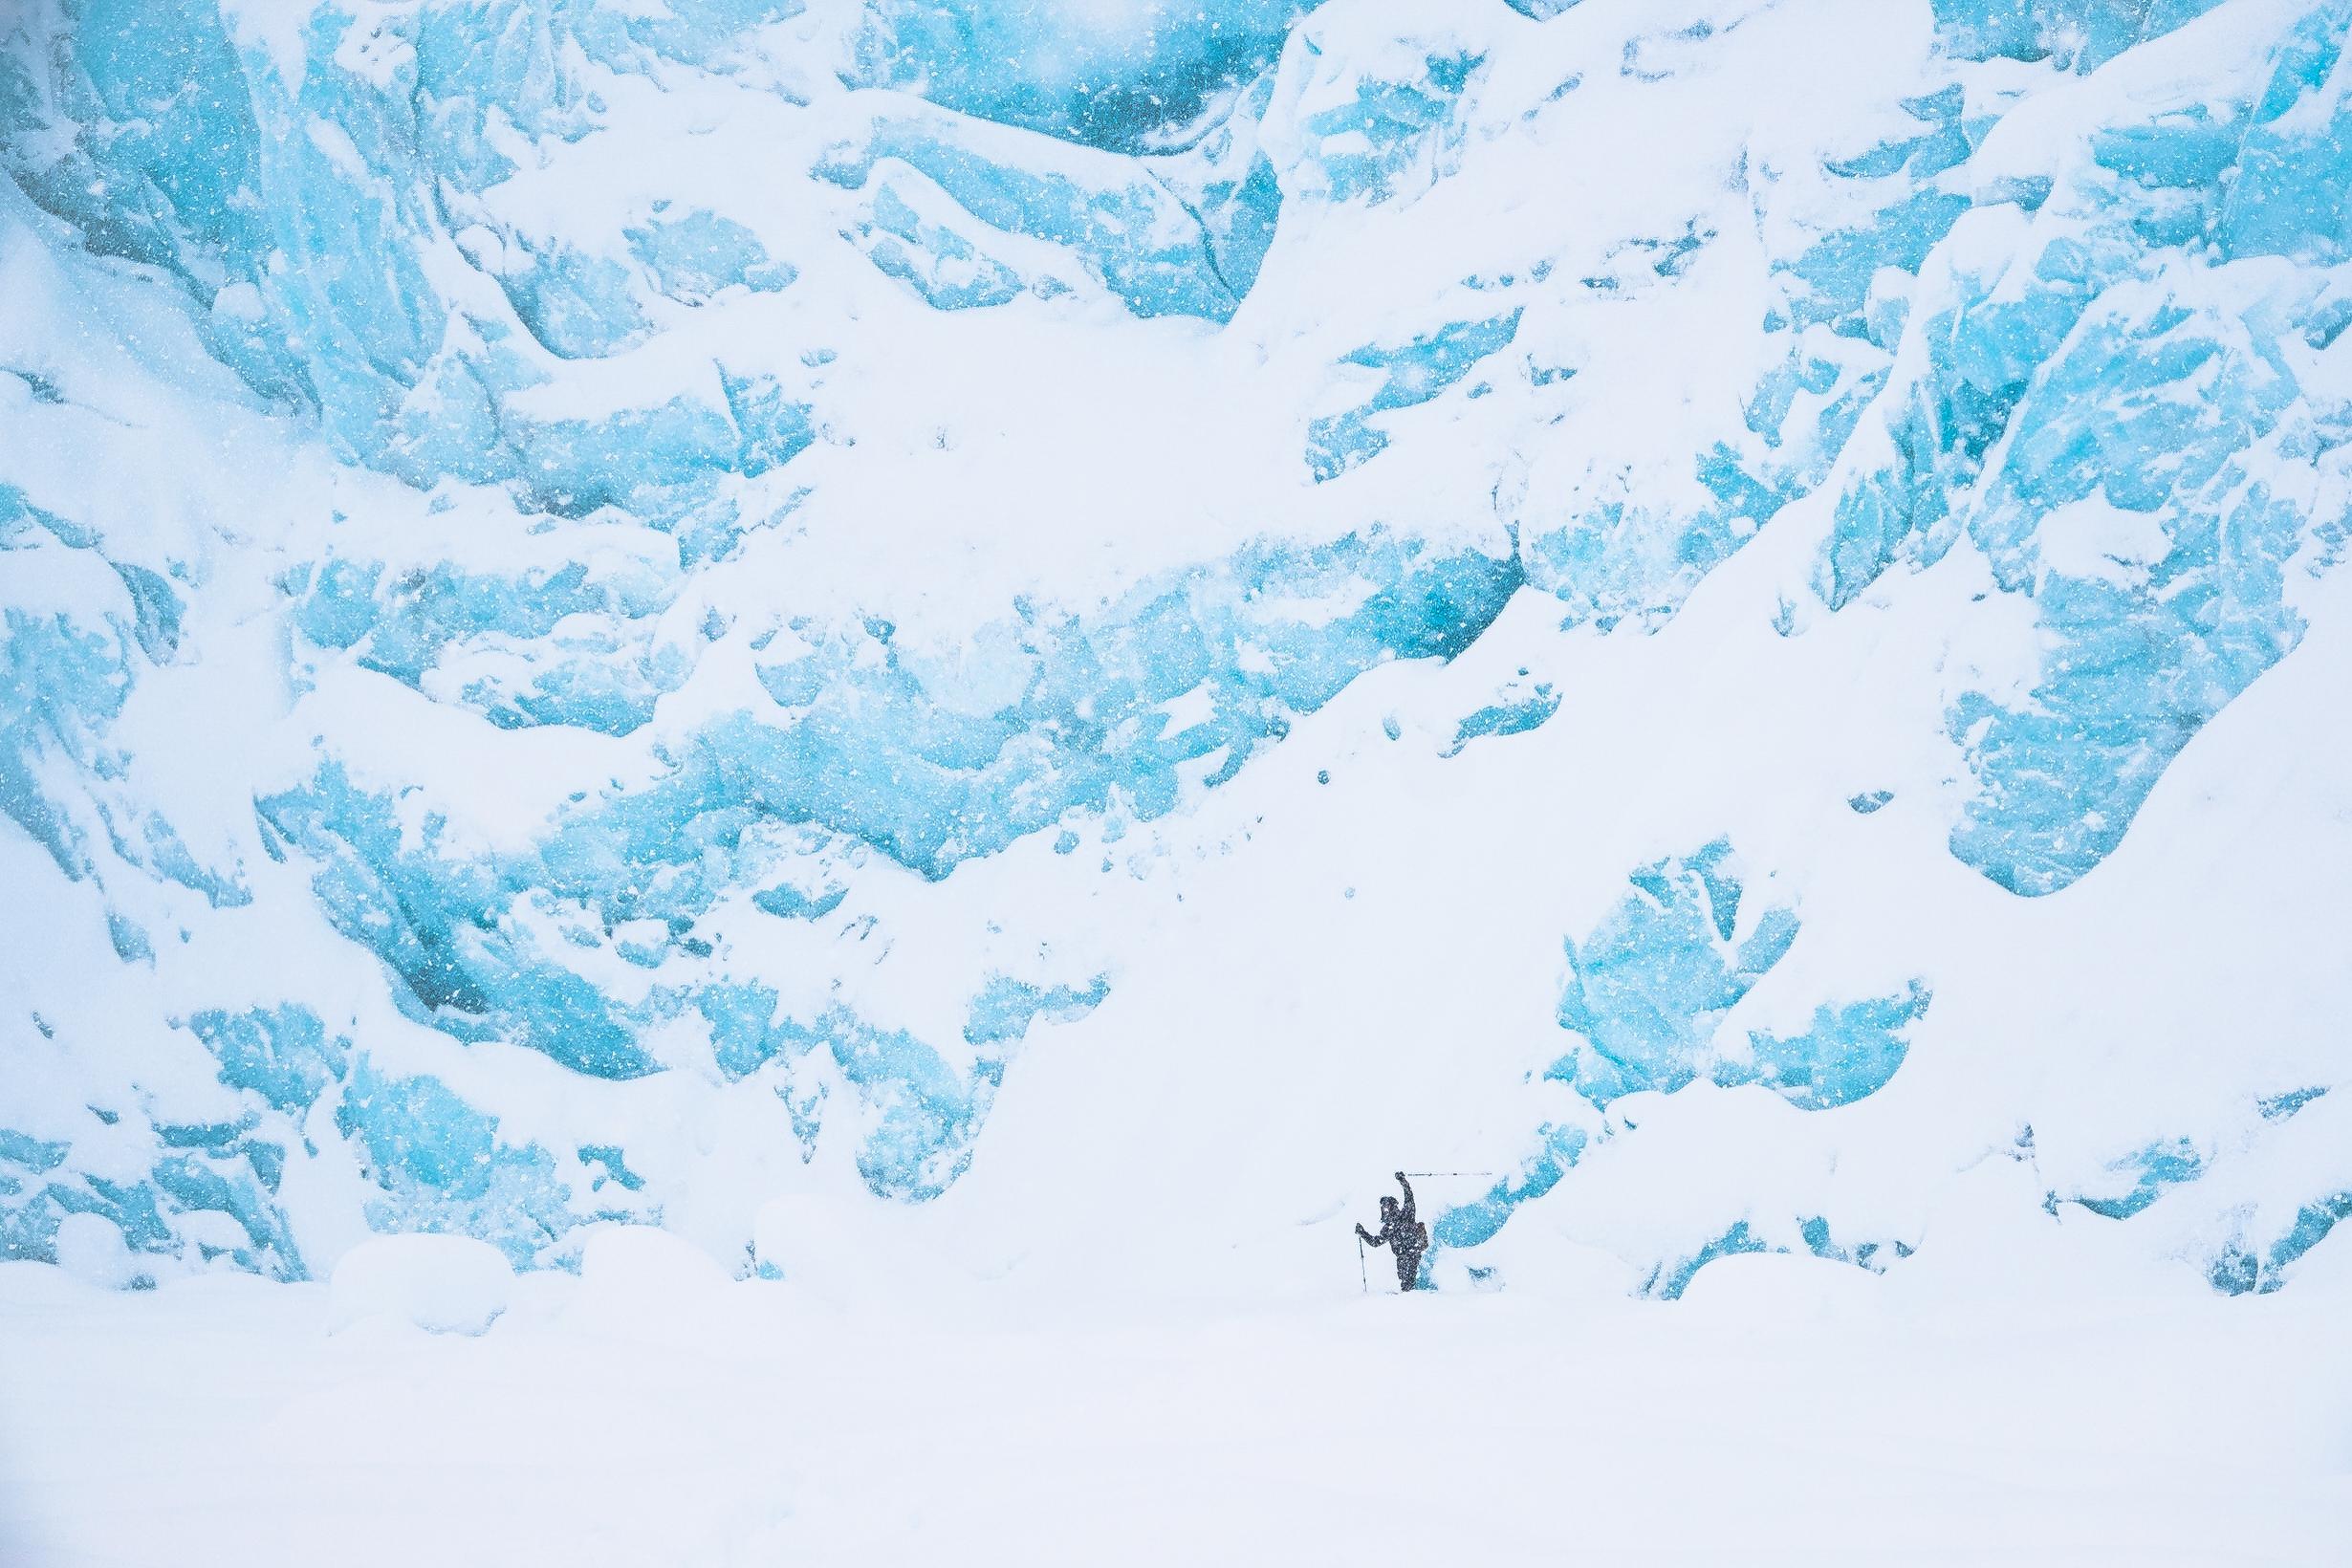 portage glacier-4453.jpg